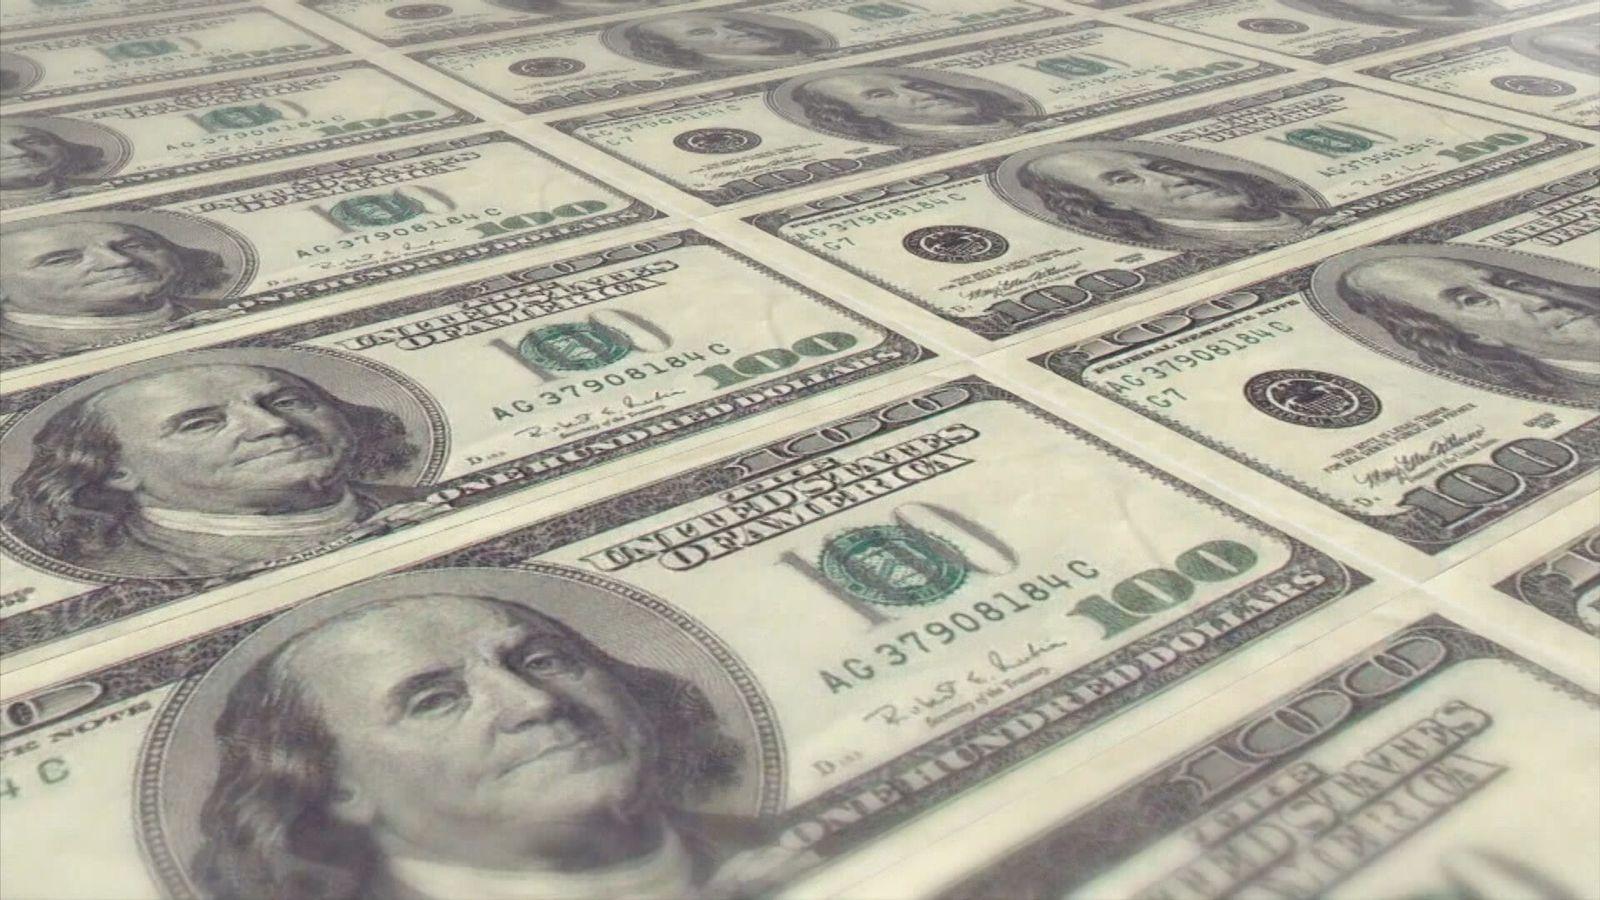 ¿De qué se compone el papel moneda?